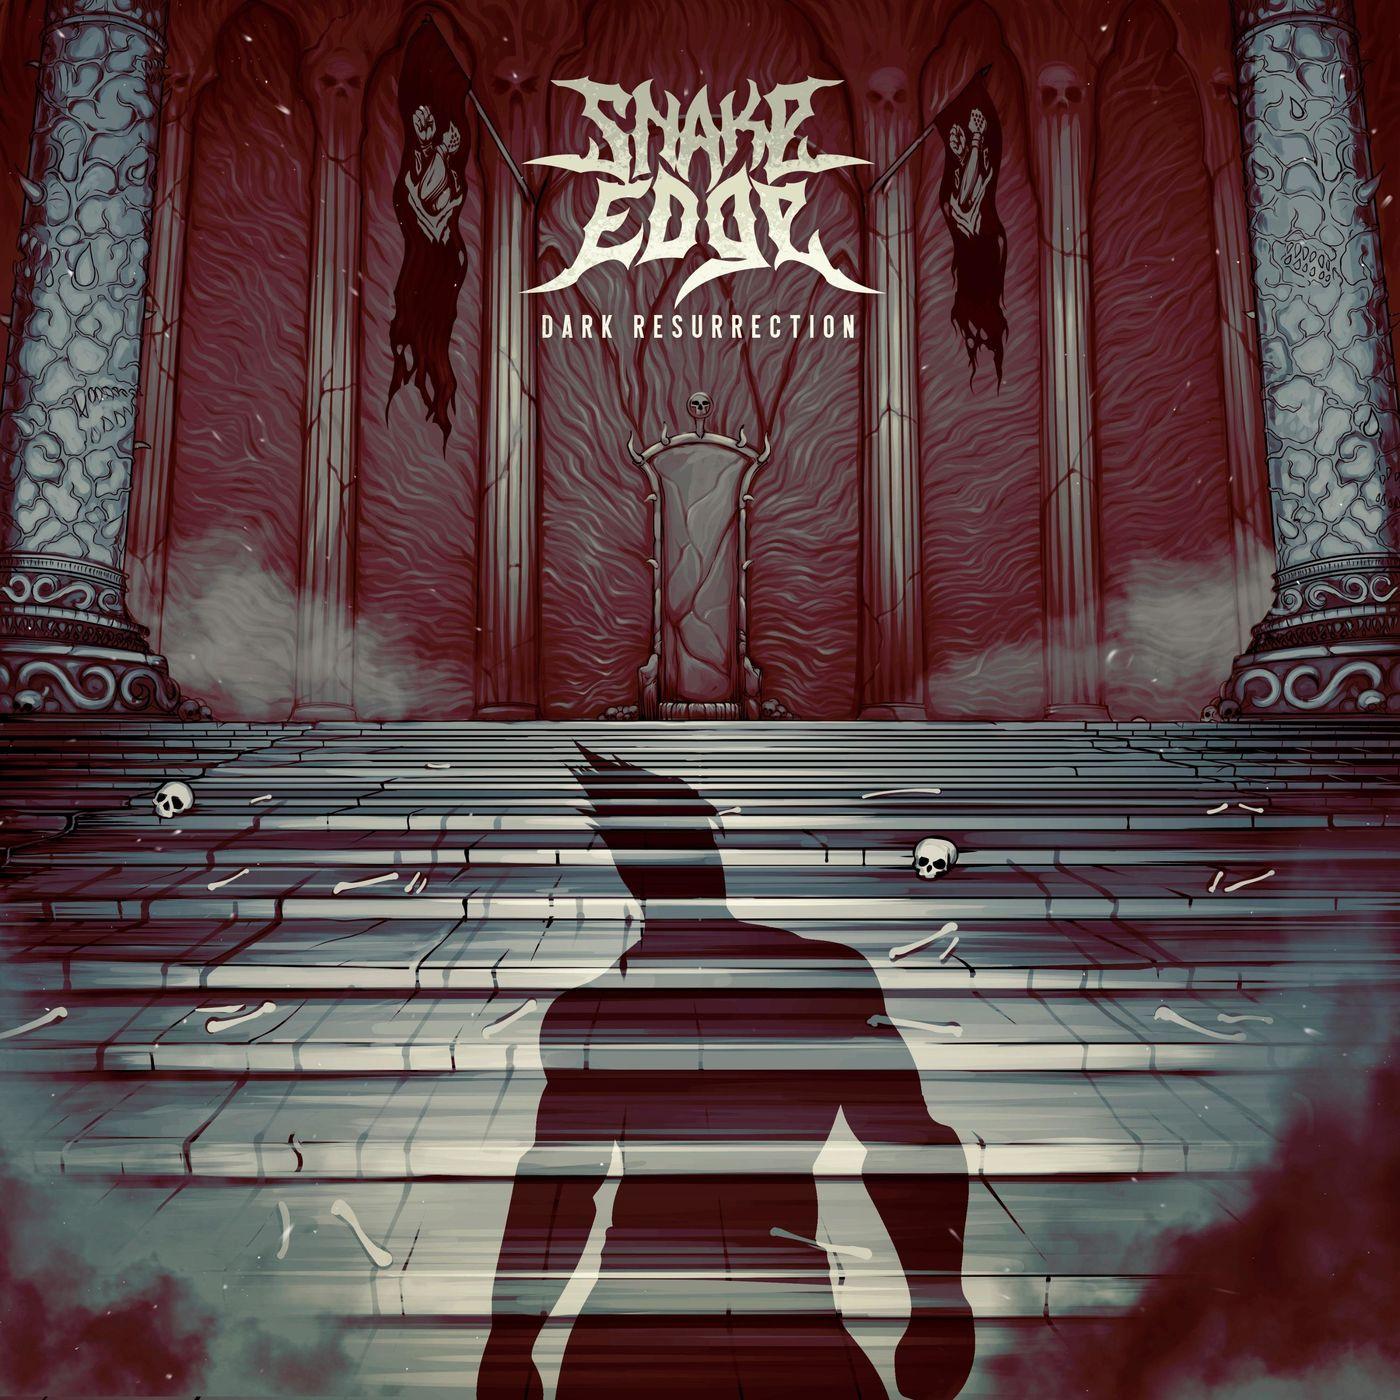 Snake Edge - Dark Resurrection (2021)